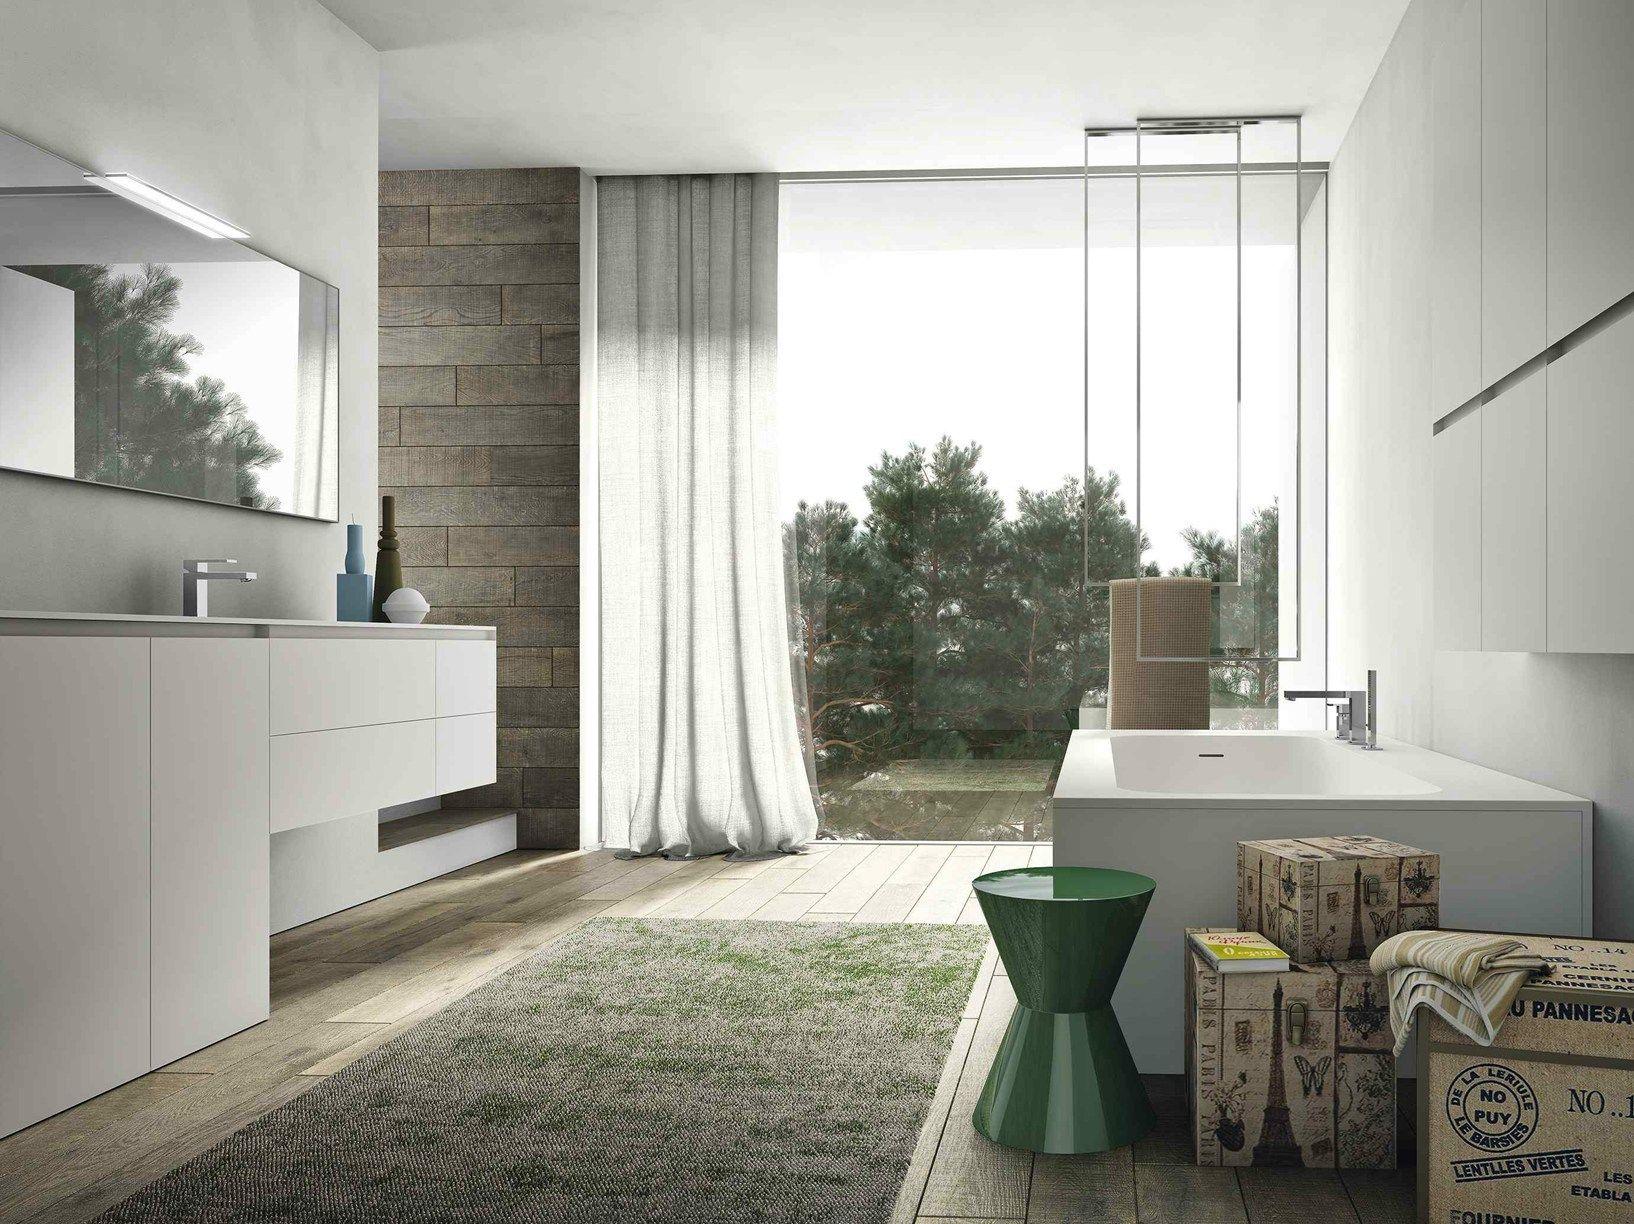 Il design contemporaneo di ideagroup al cersaie - Arredo bagno contemporaneo ...